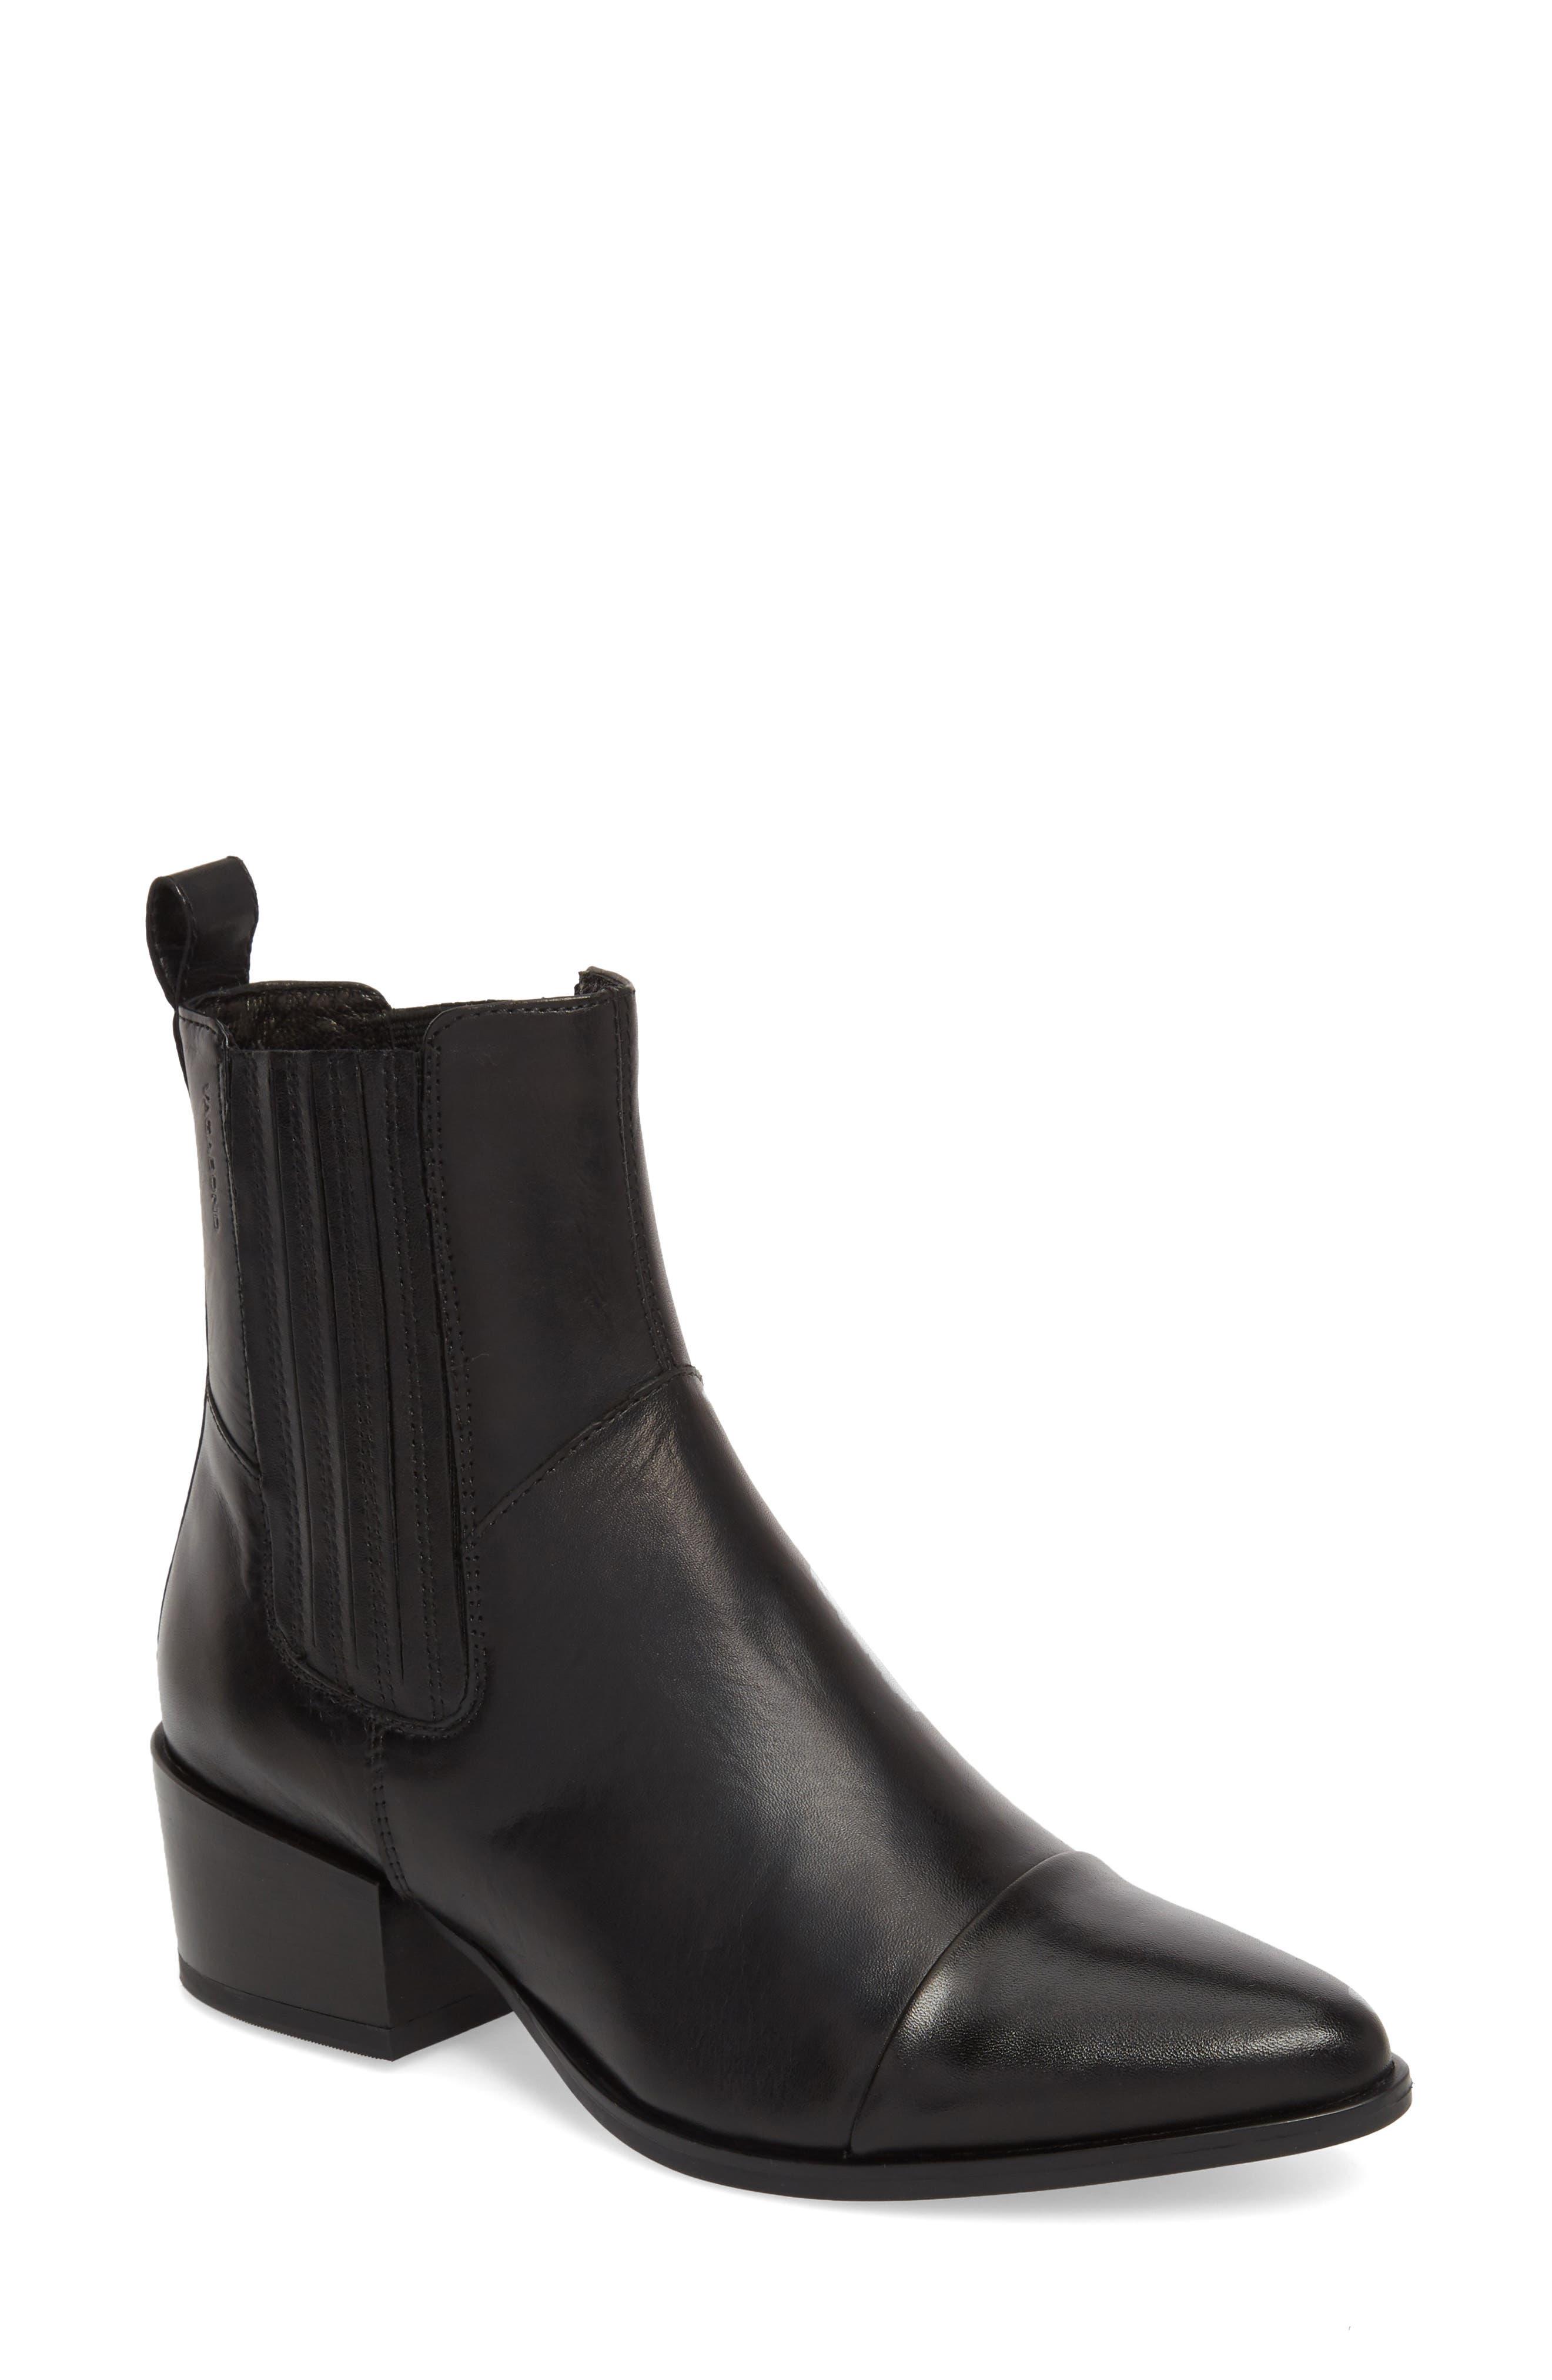 VAGABOND,                             Shoemakers Marja Cap Toe Bootie,                             Main thumbnail 1, color,                             BLACK LEATHER